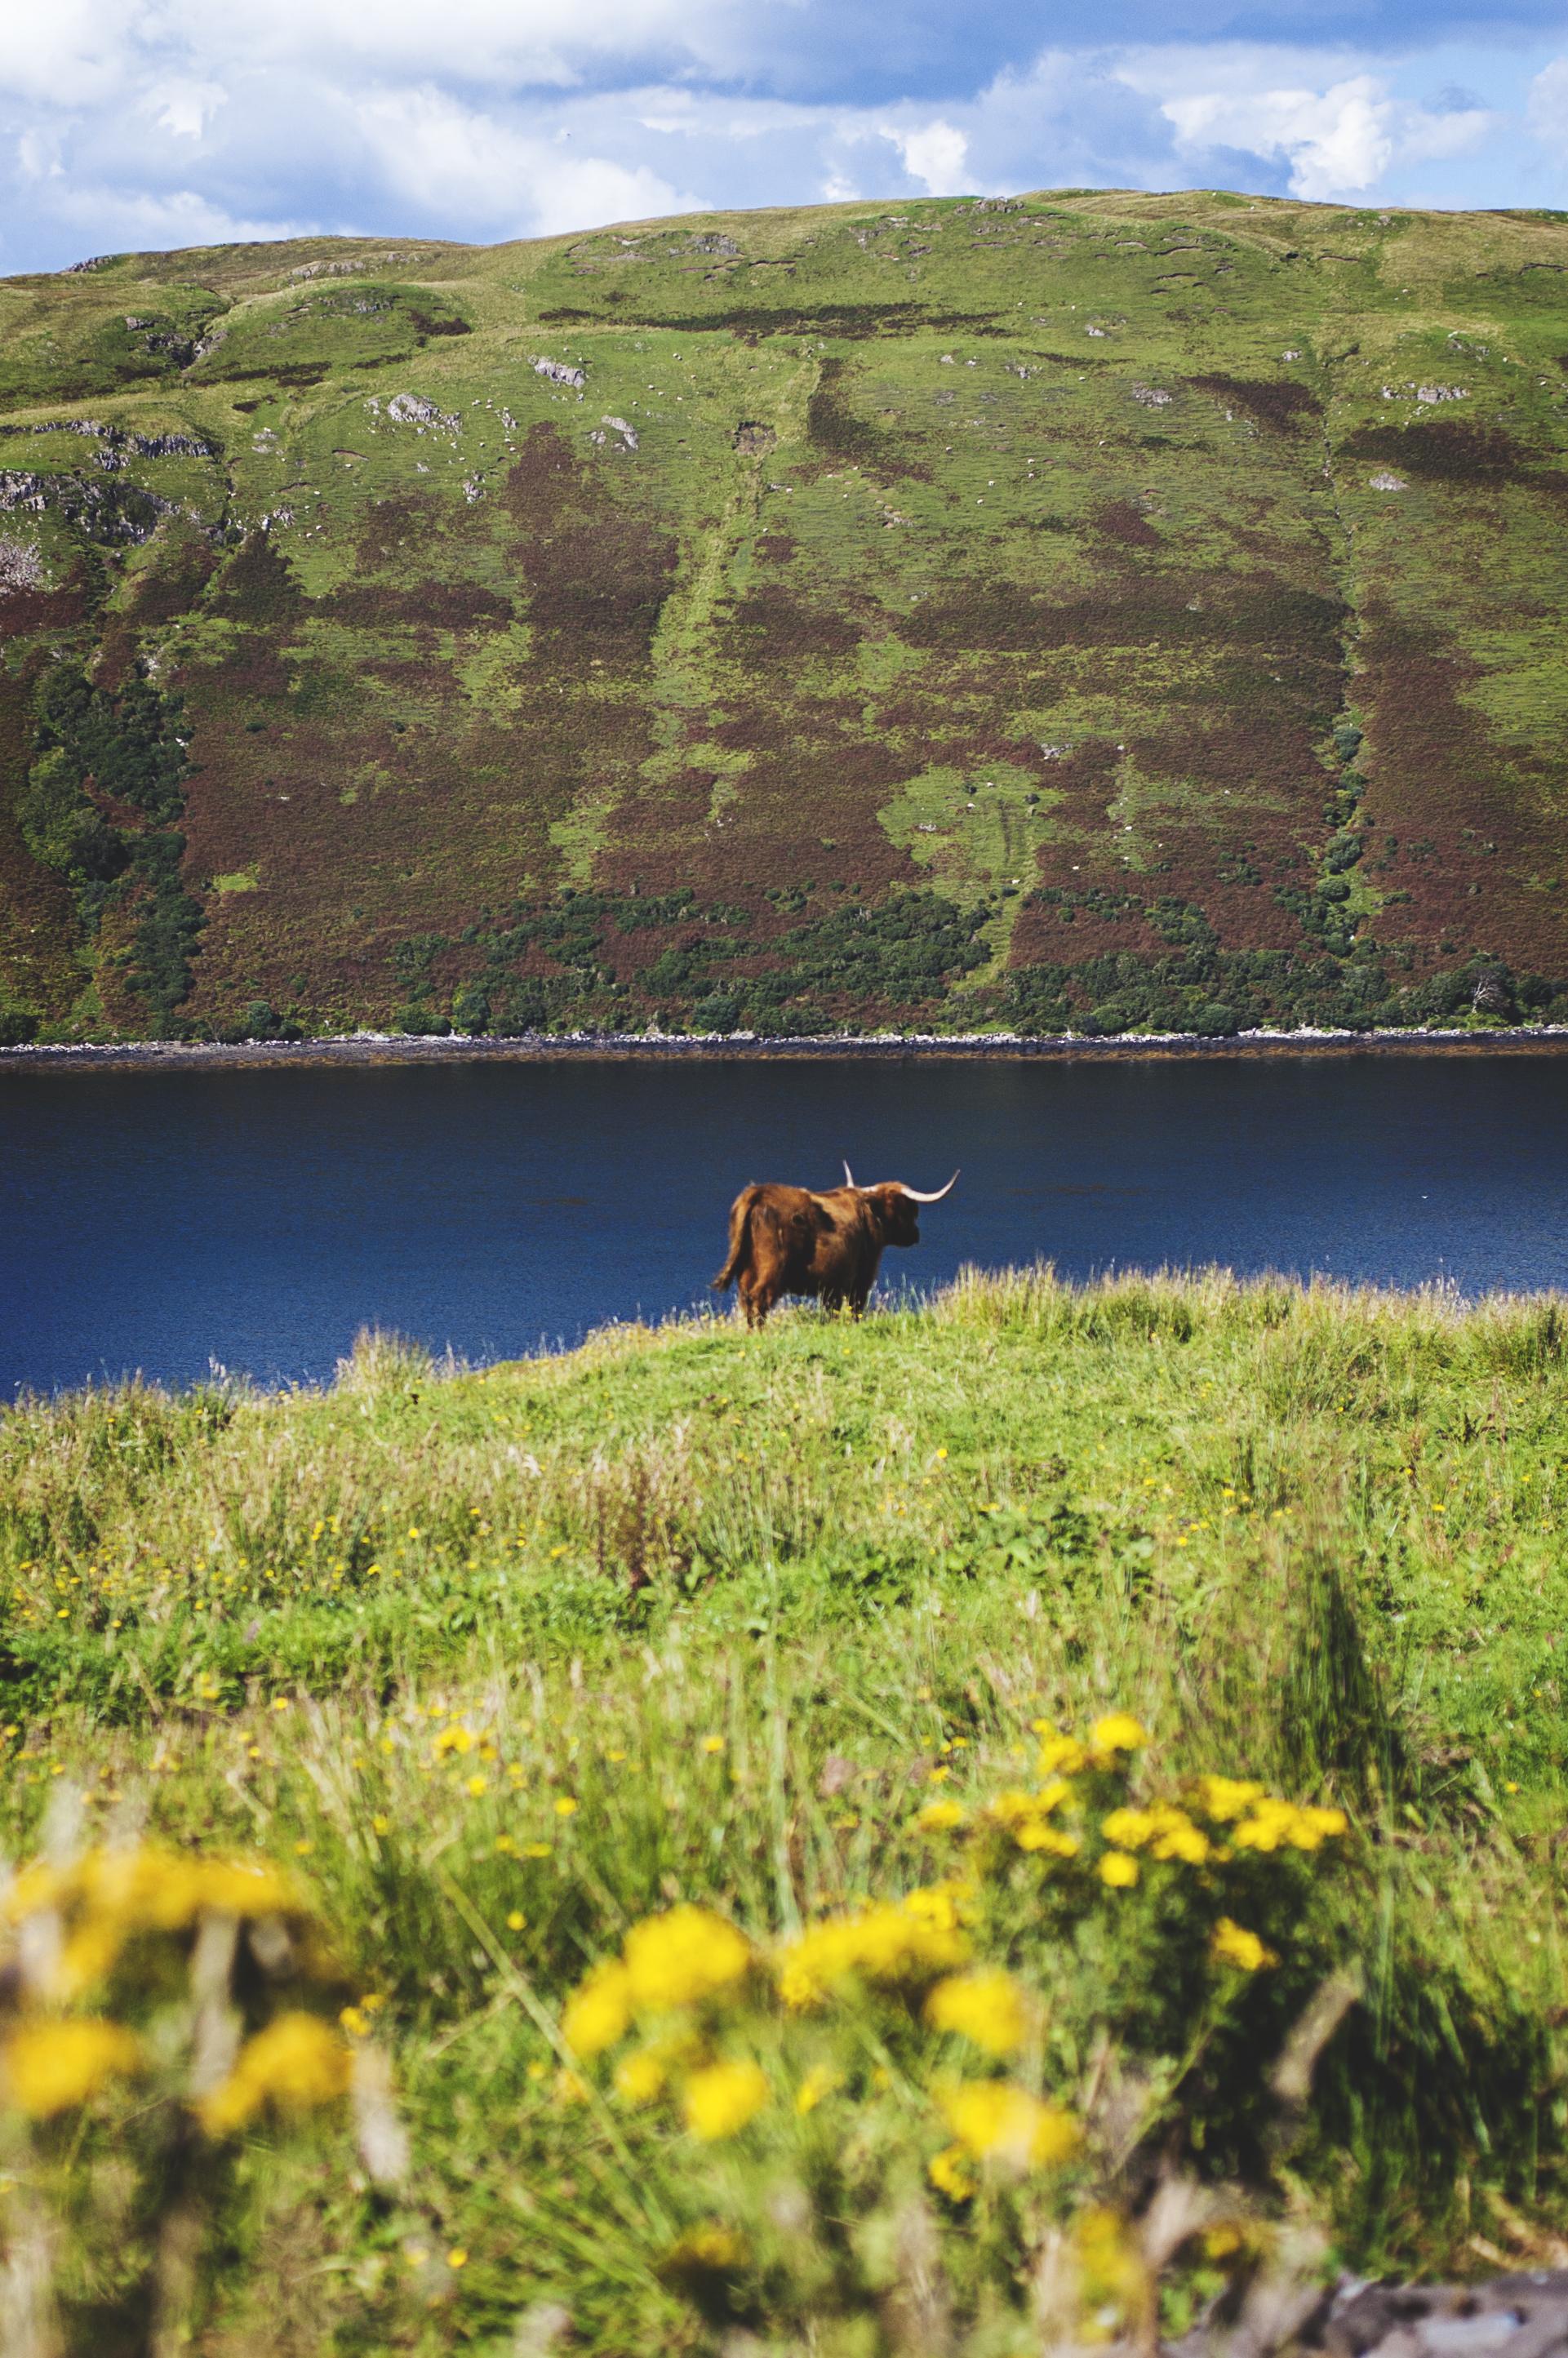 A Highland Cow surveying its Kingdom